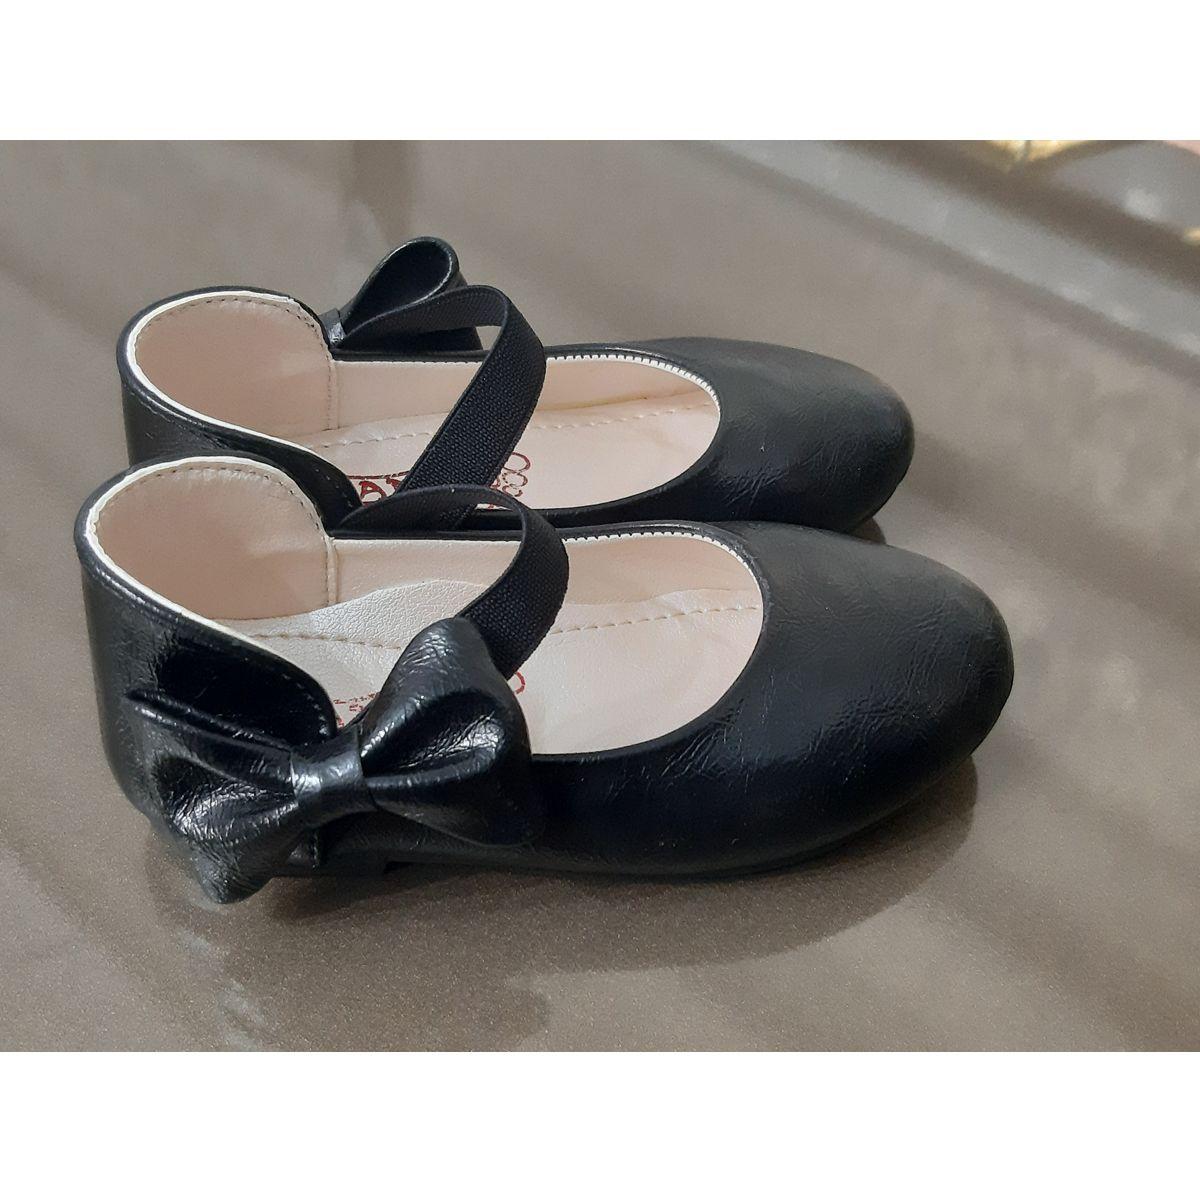 کفش دخترانه طرح پاپیون کد ta45210 -  - 5